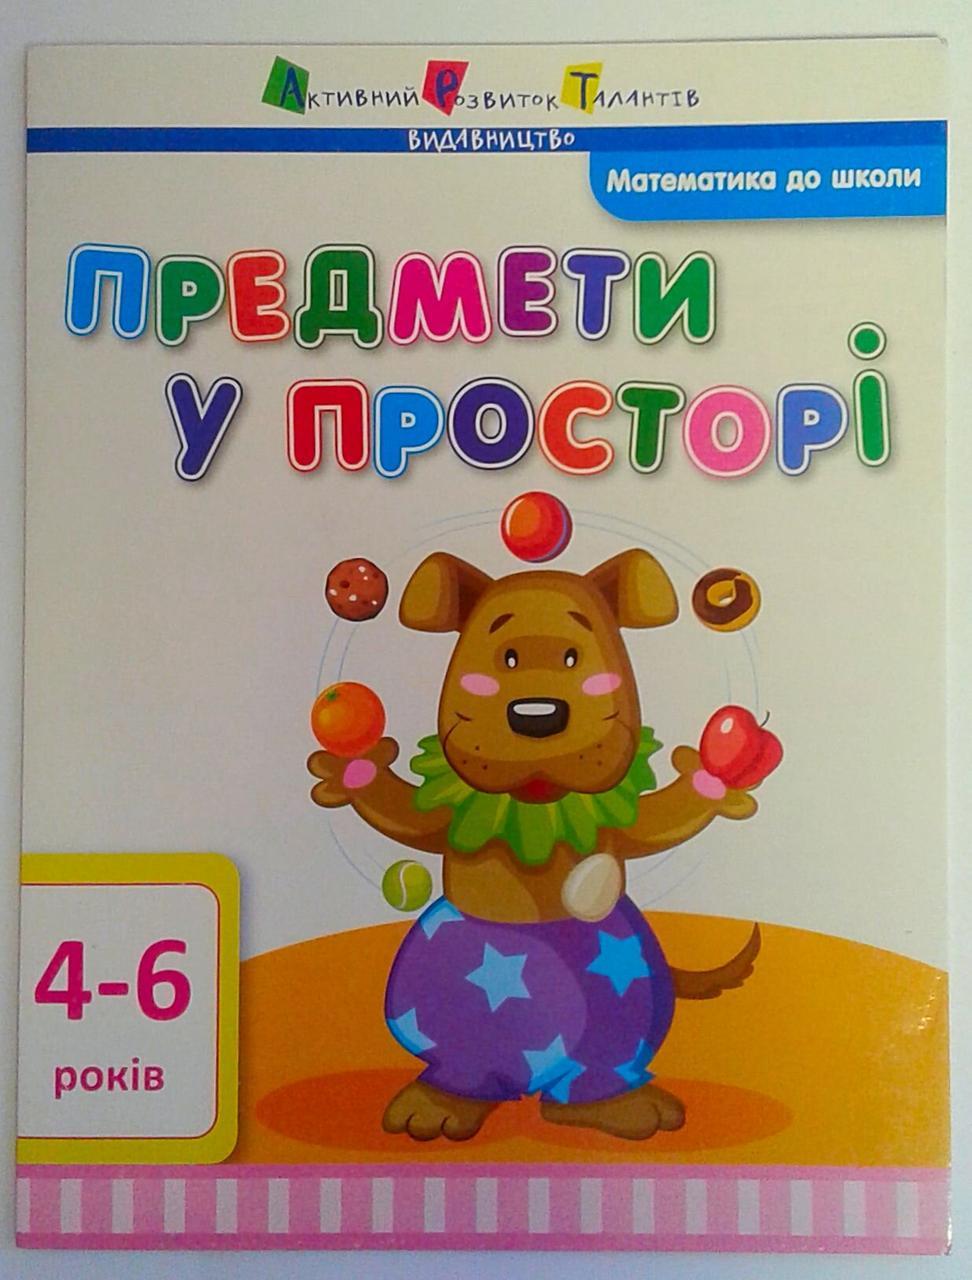 Математика до школи: Предмети у просторі 4-6 років ДШ11108У АРТ видавництво Україна